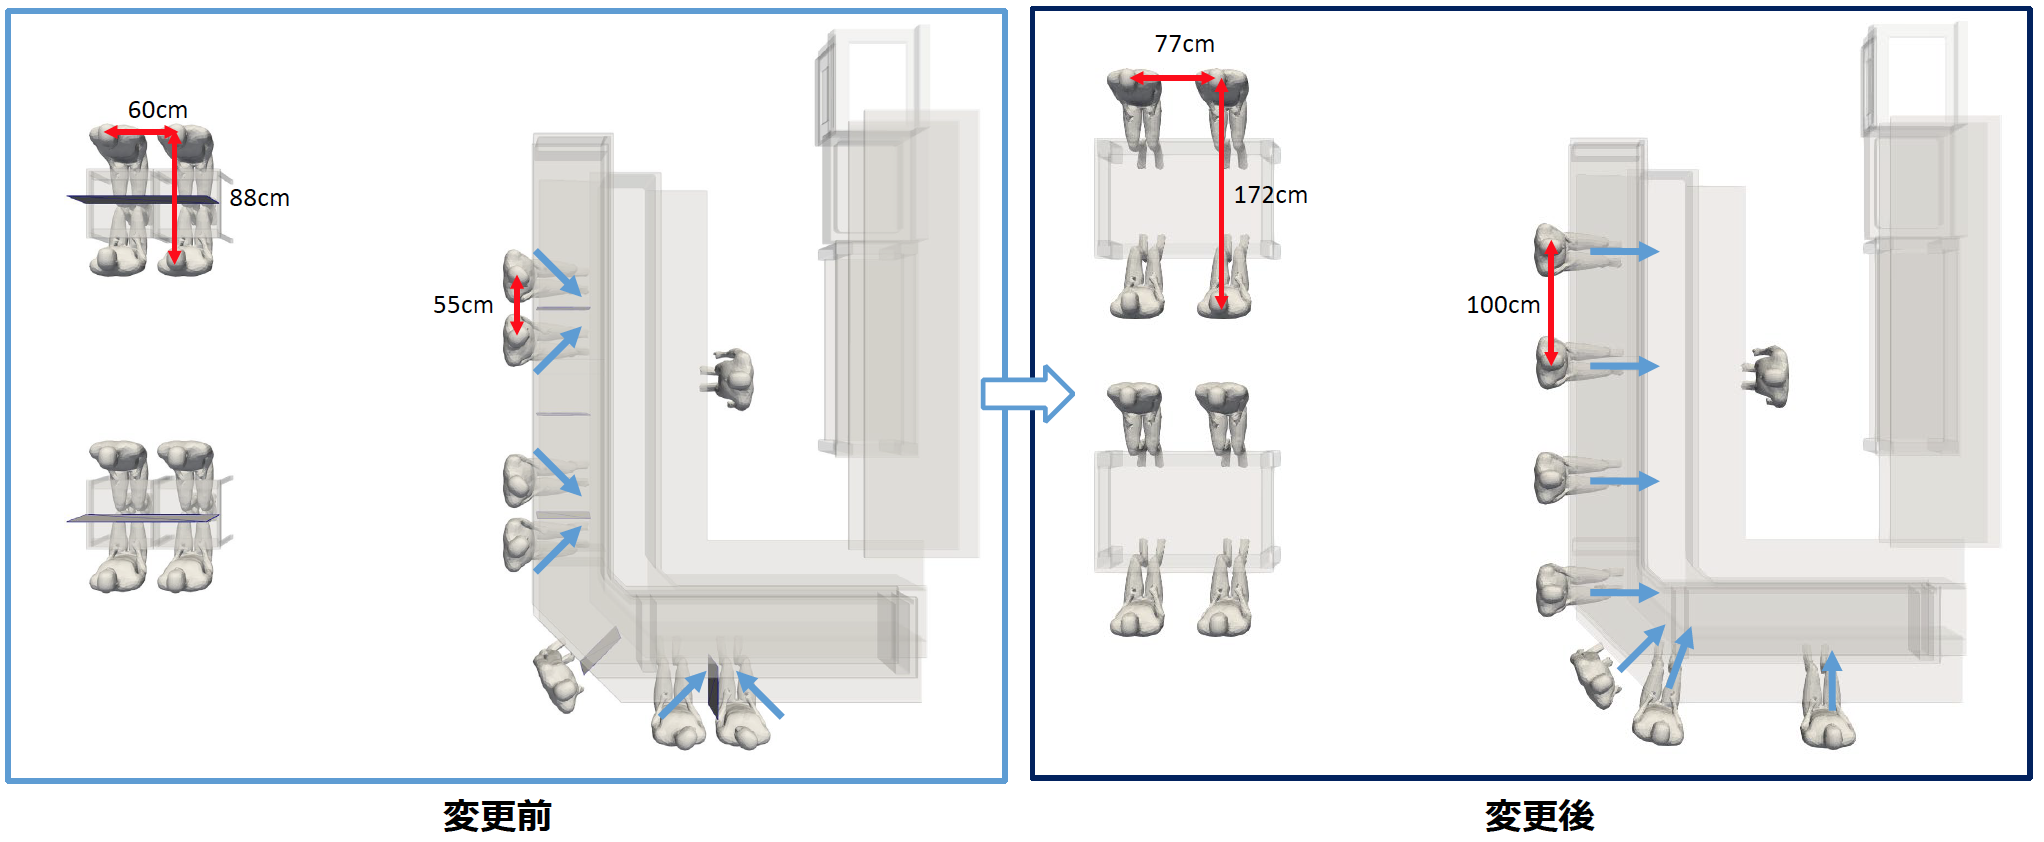 対策案:座席間の距離を取る